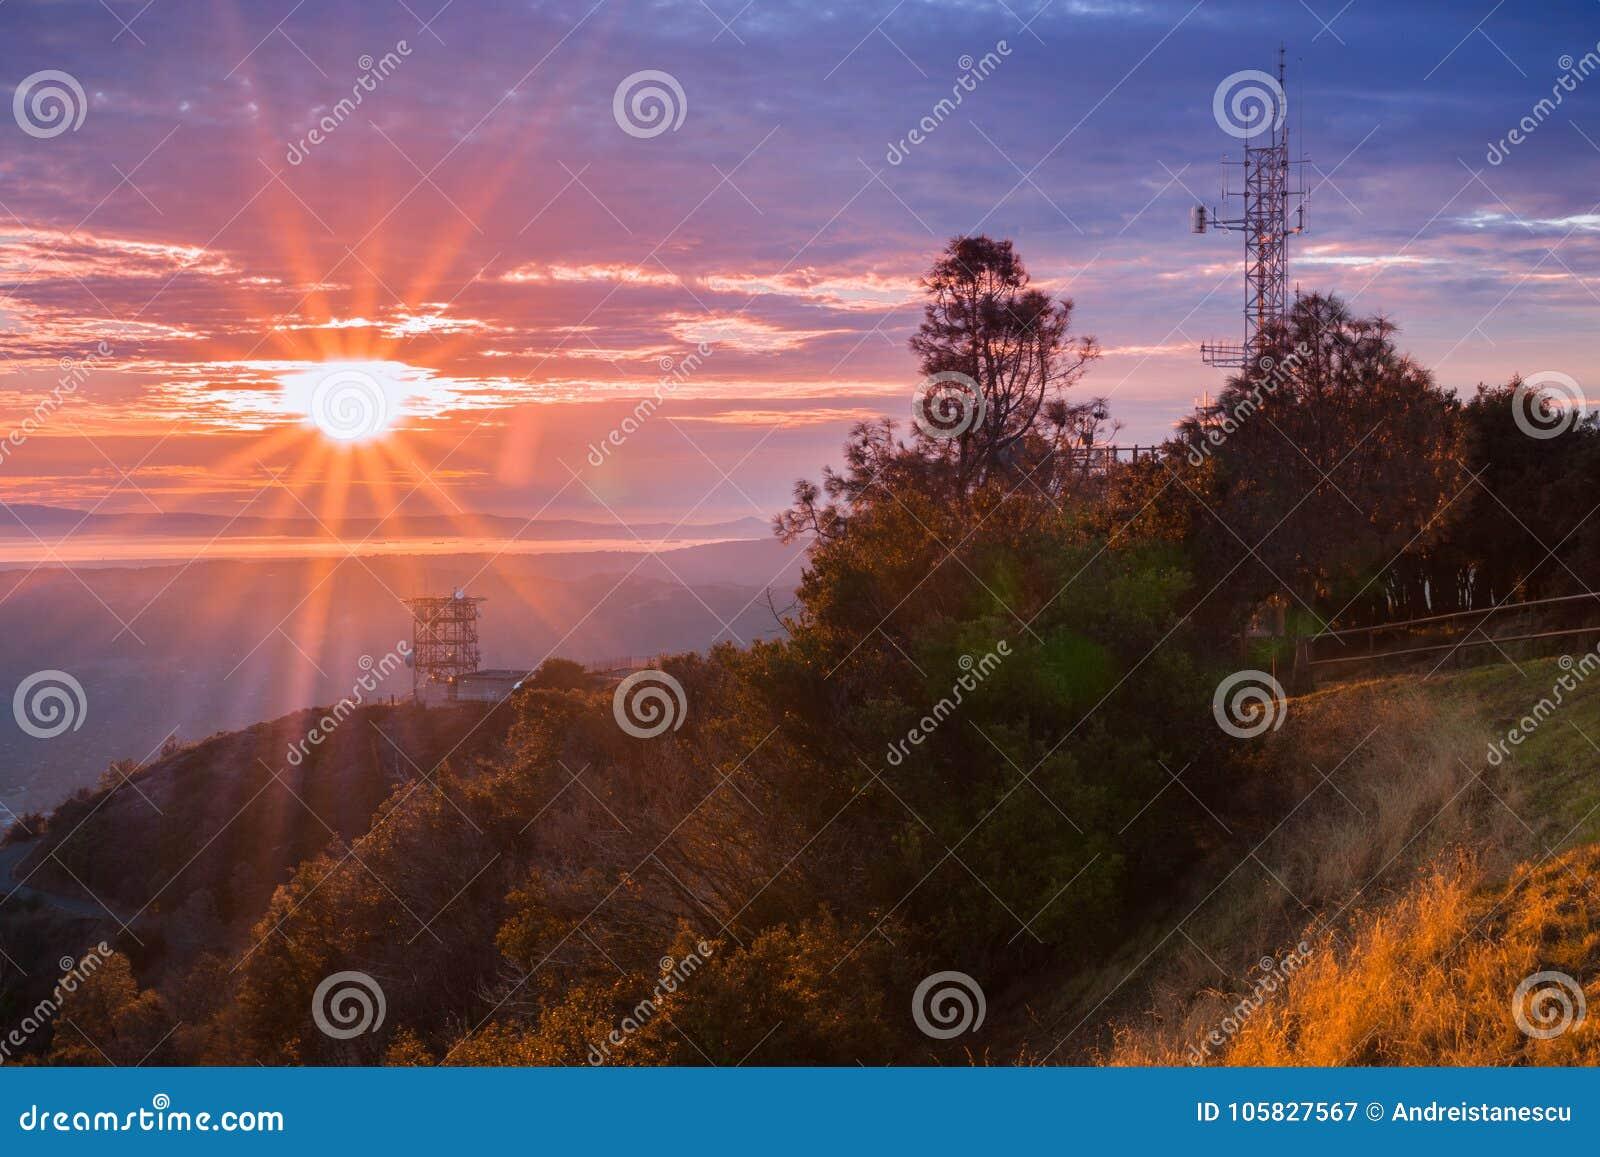 Ηλιοφάνεια πέρα από τον κόλπο του Σαν Φρανσίσκο όπως βλέπει από τη σύνοδο κορυφής ΑΜ Diablo